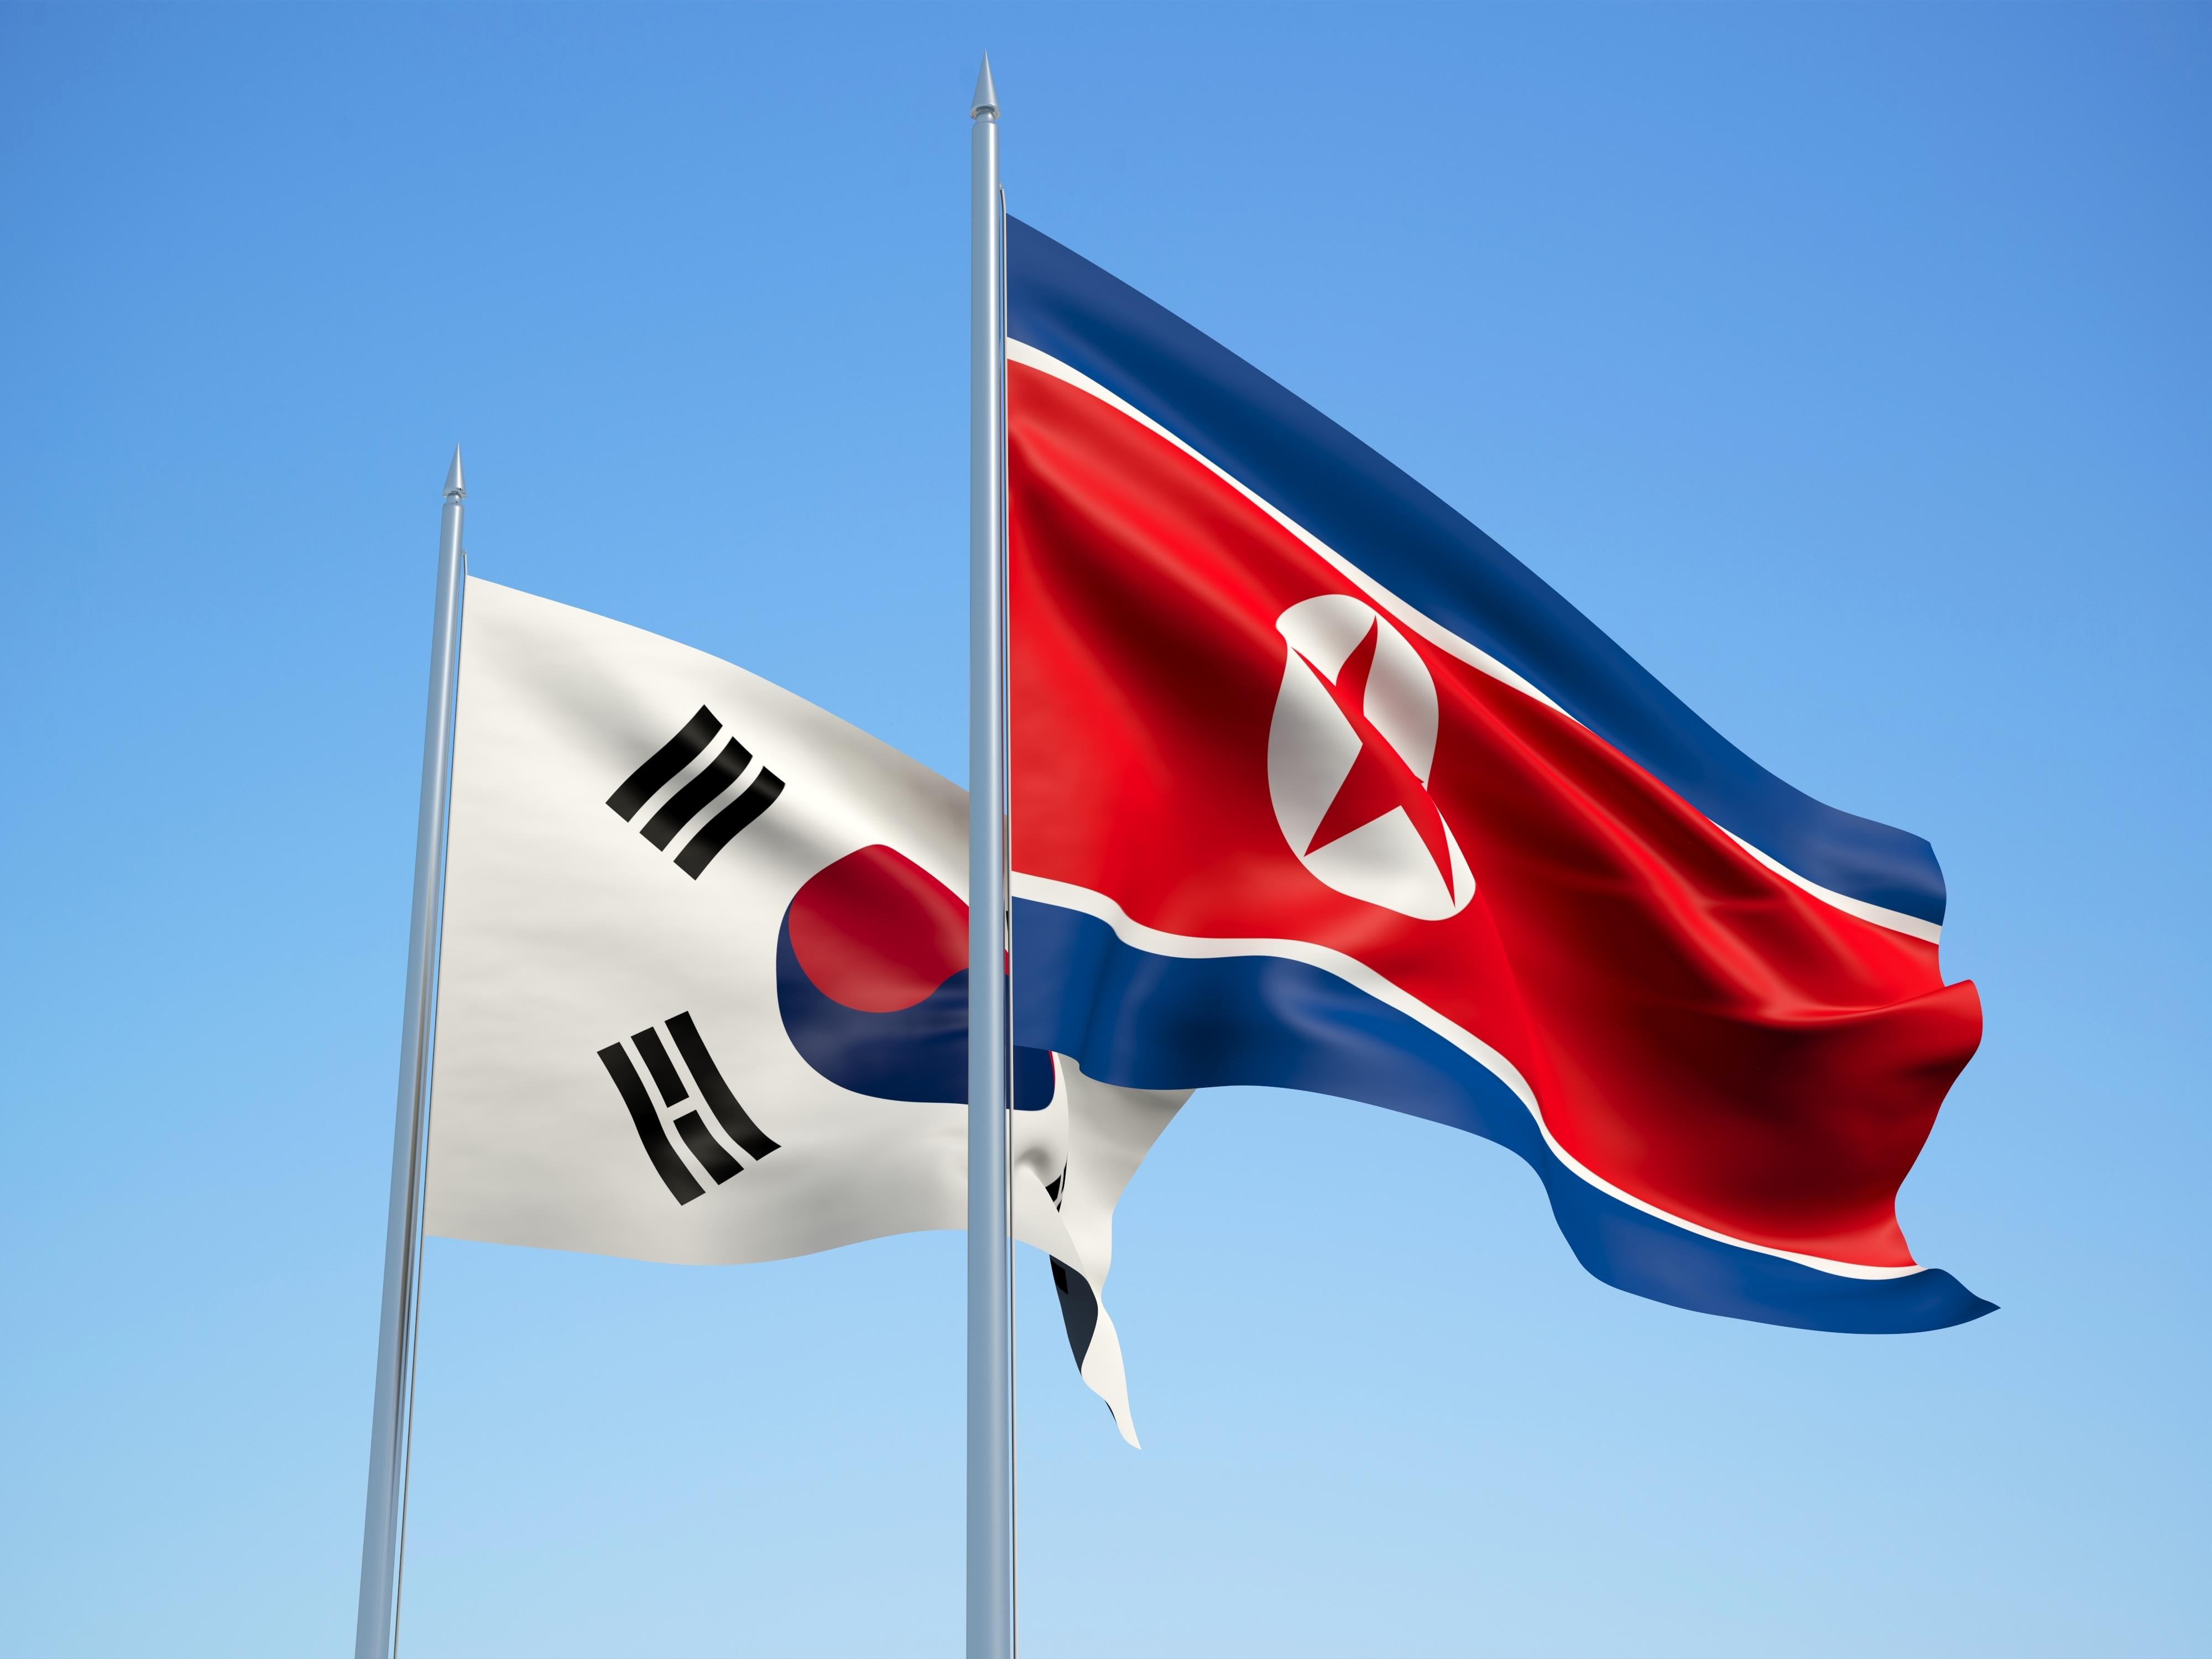 Coreias iniciam linha direta entre seus líderes